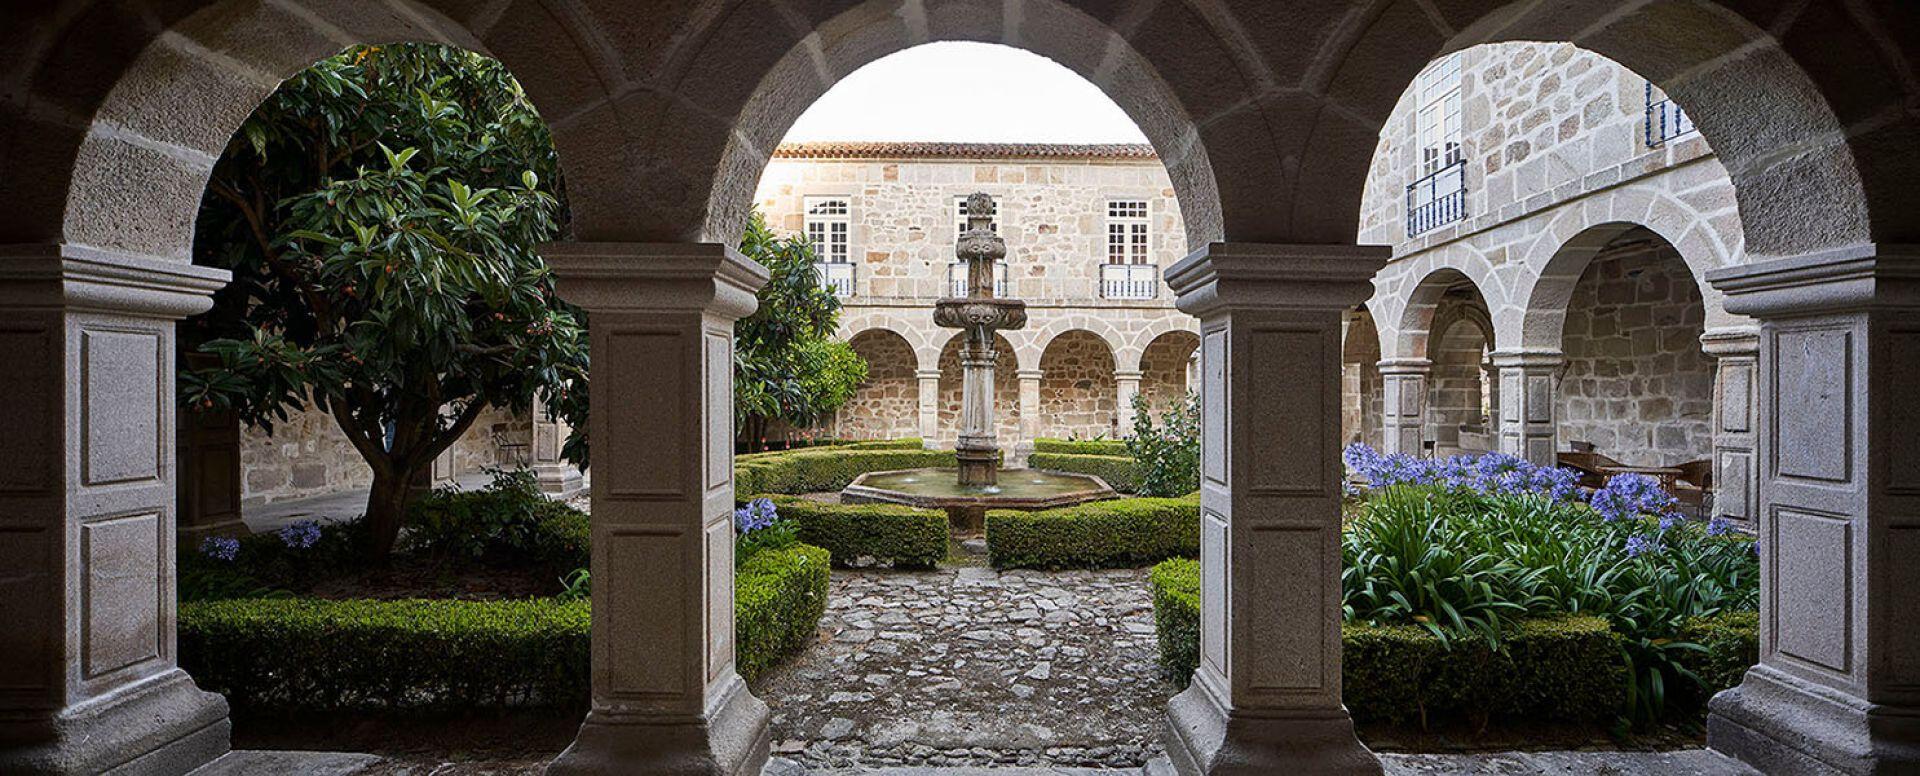 Mosteiro de São Pedro das Águias